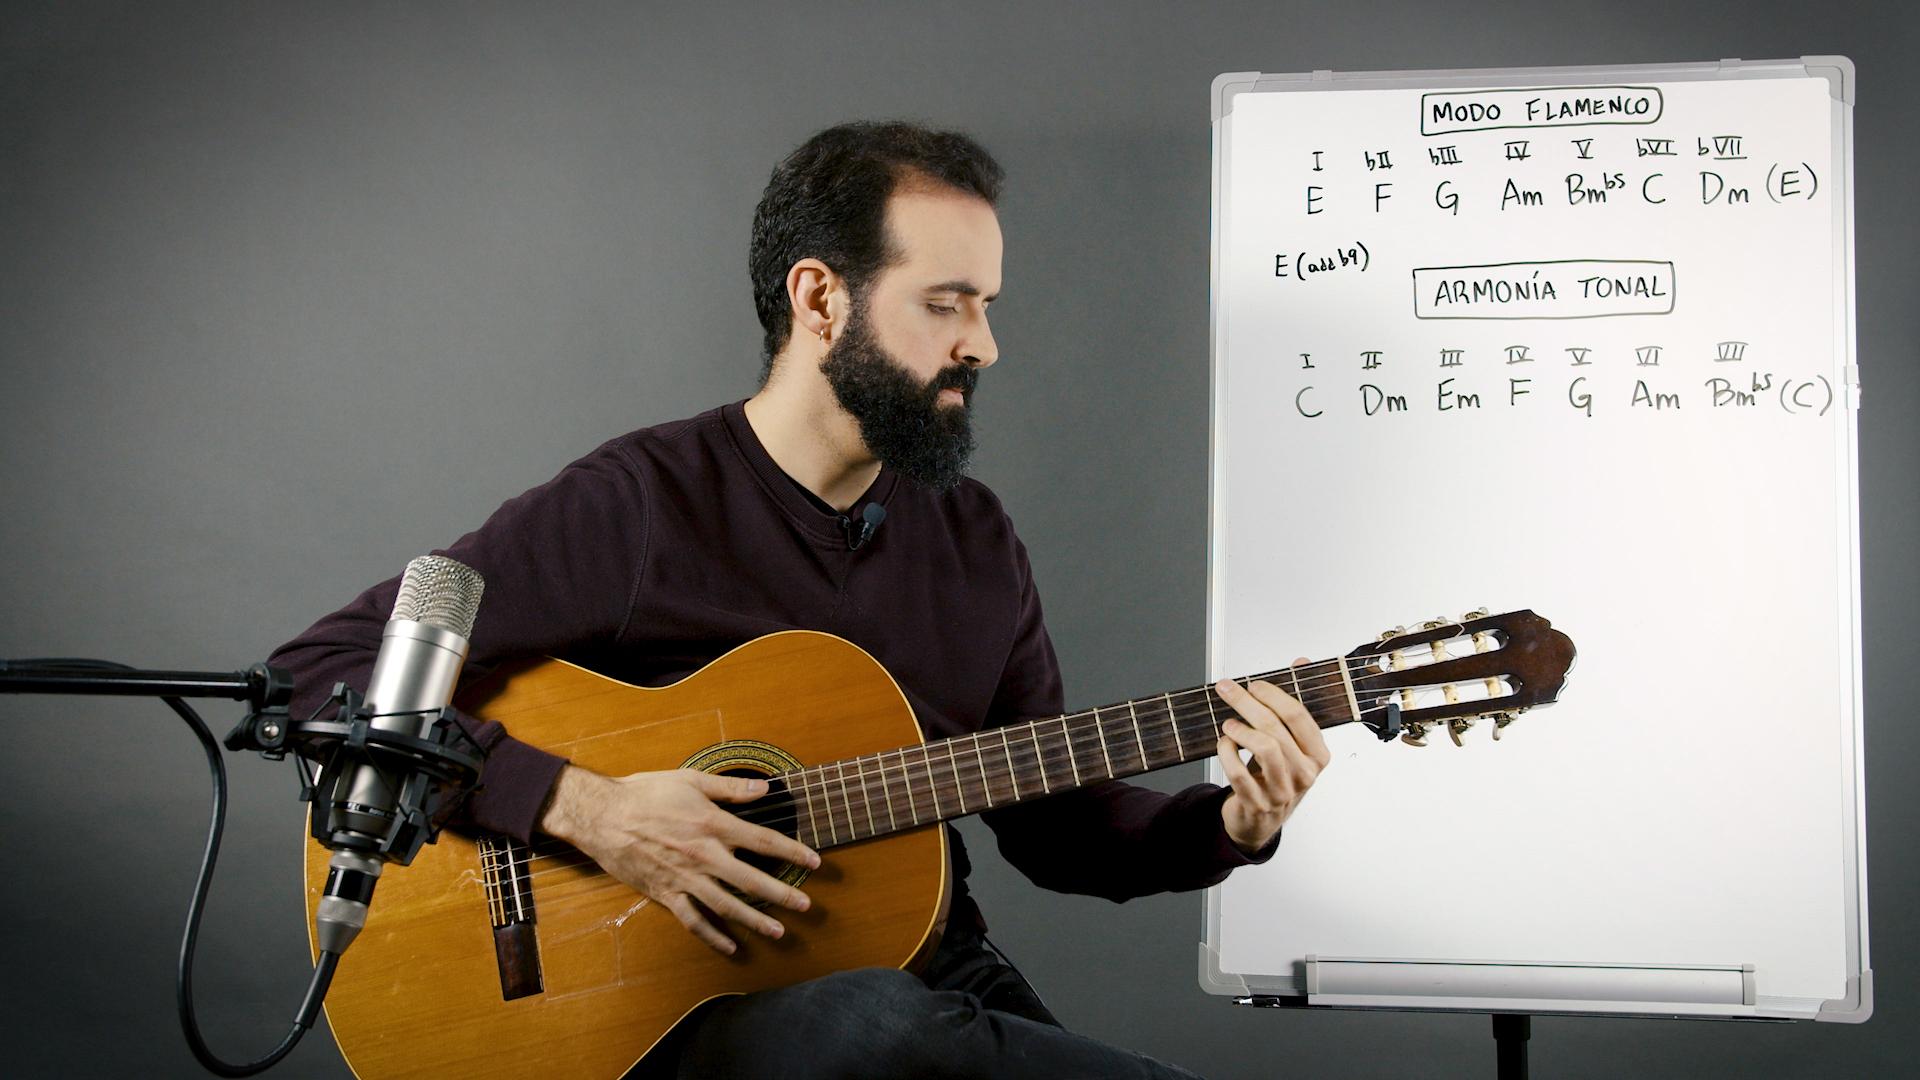 La armonía en el flamenco